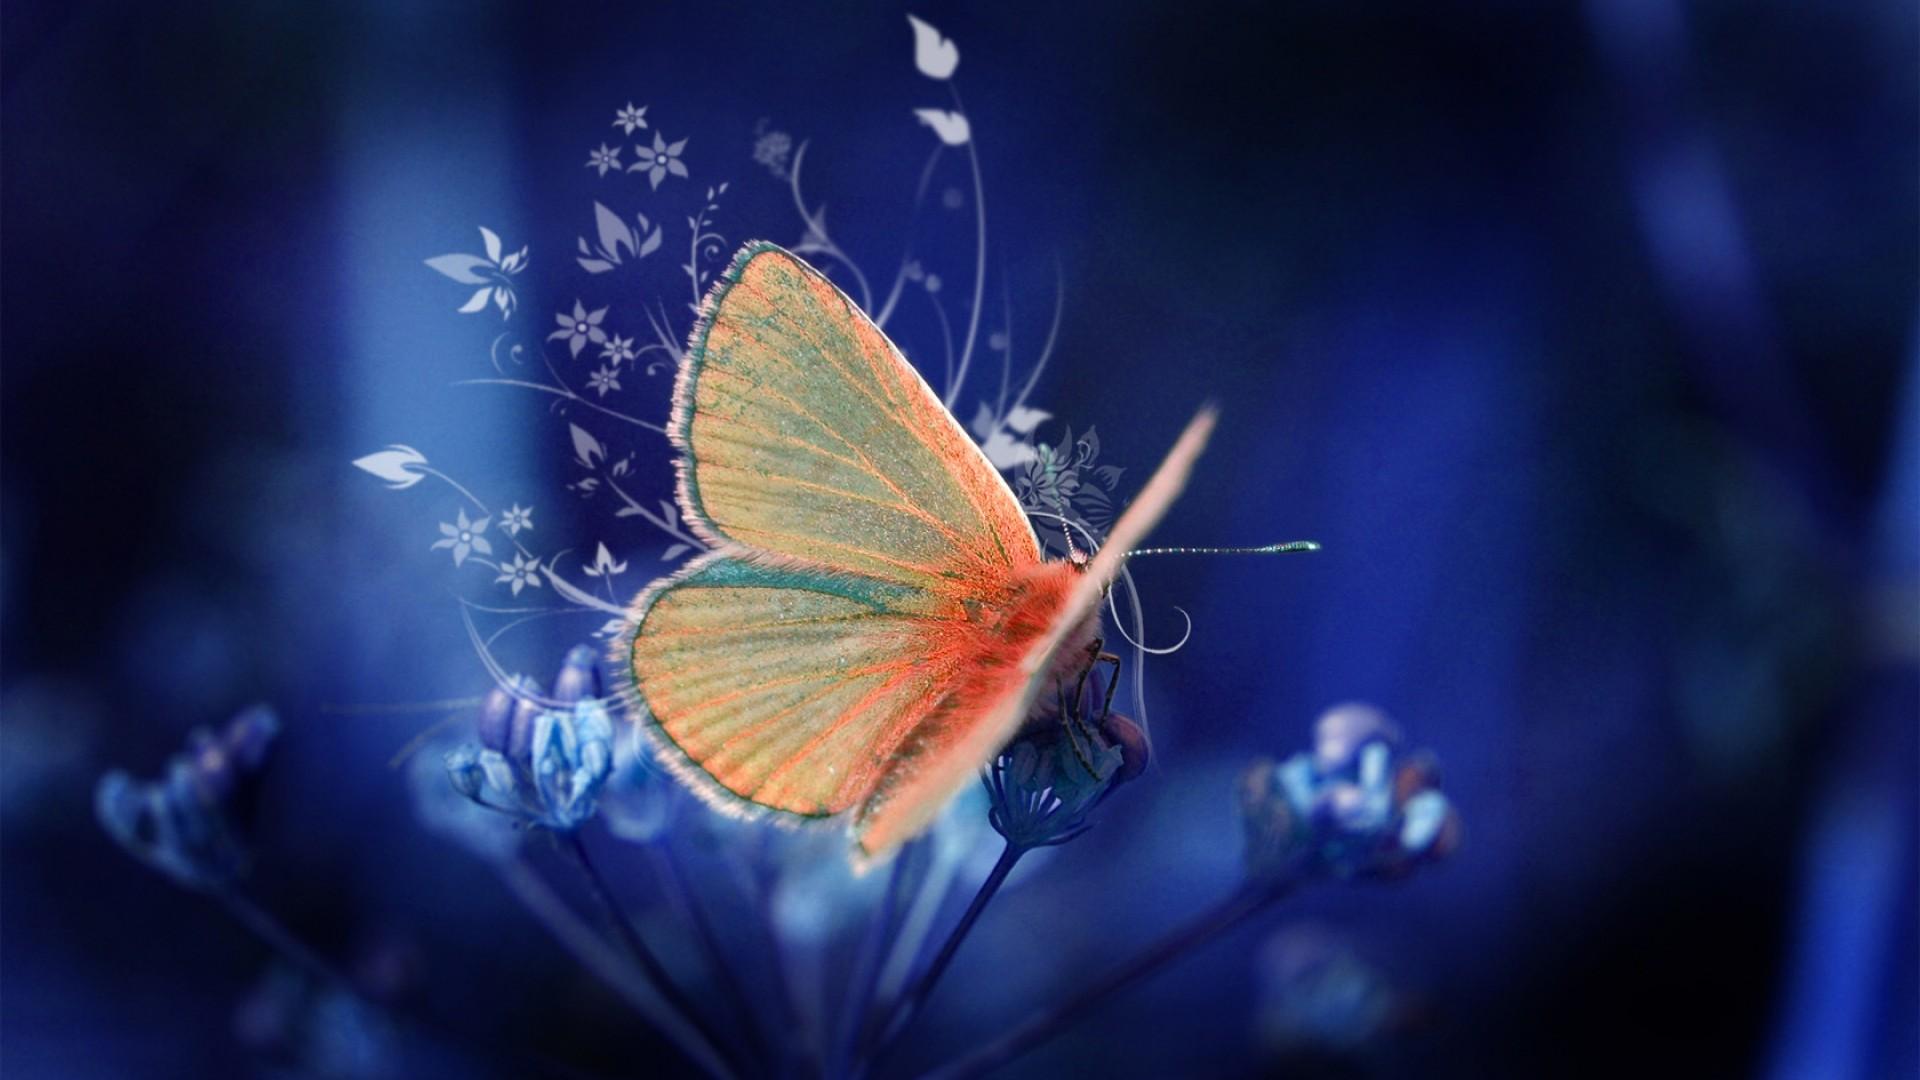 Butterfly Wallpaper HD 19201080 For Desktop 1920x1080